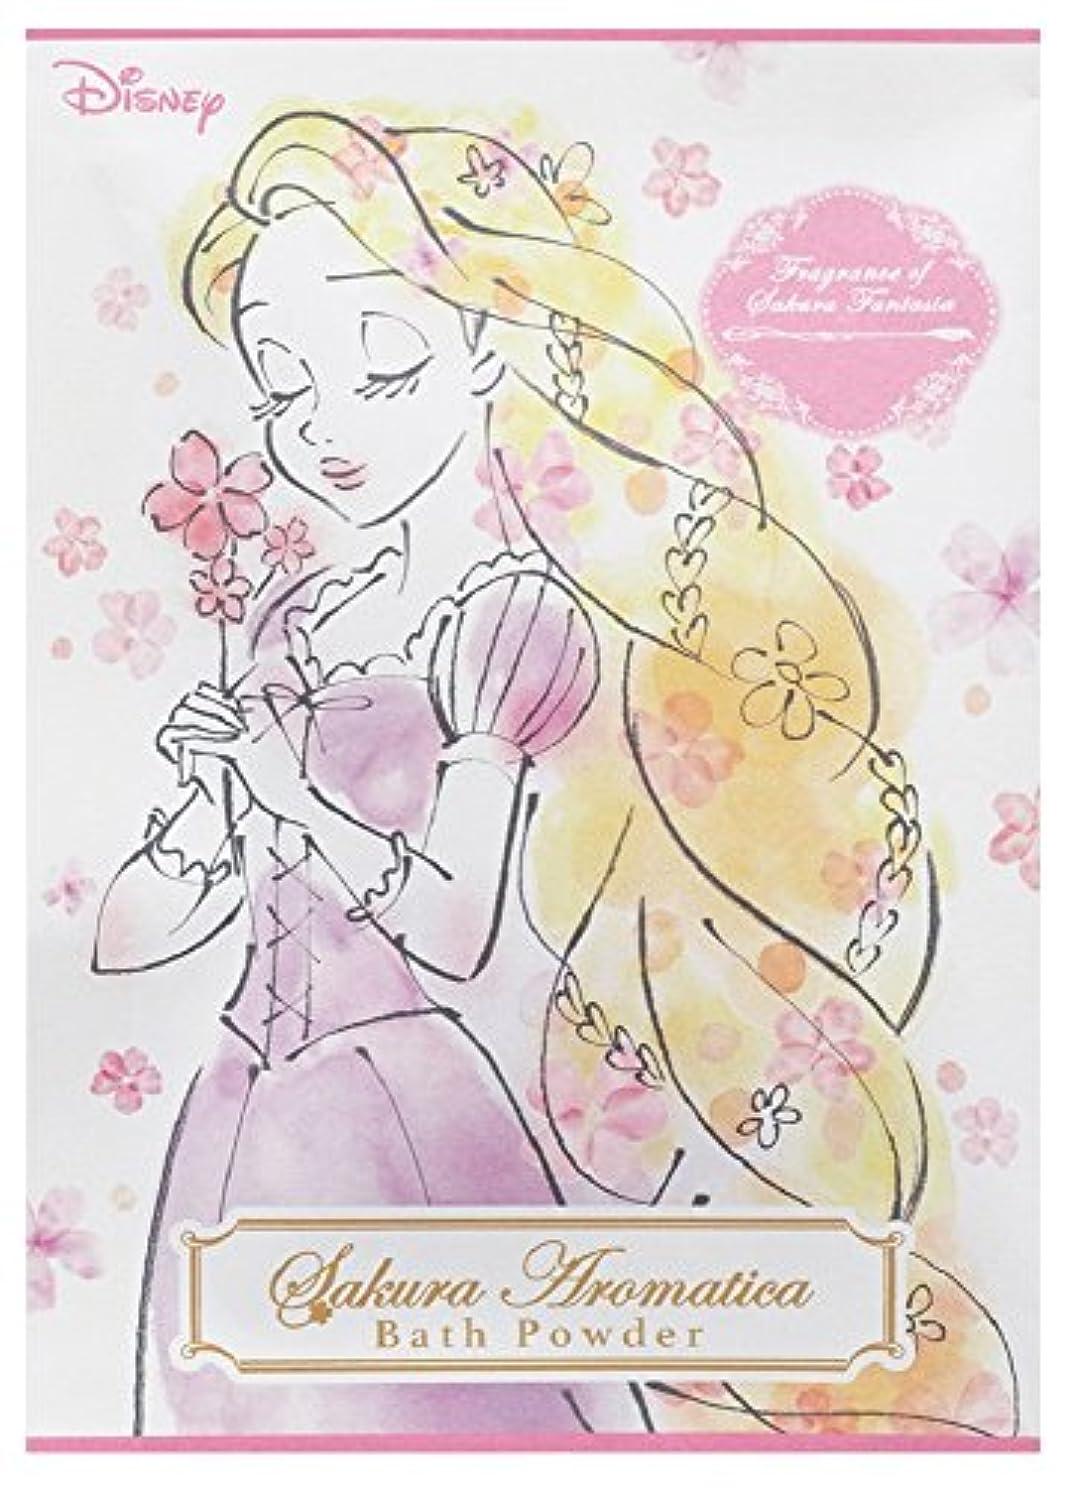 説教するこれらグラマーディズニー 入浴剤 バスパウダー ラプンツェル サクラアロマティカ 桜の香り 40g DIT-5-02